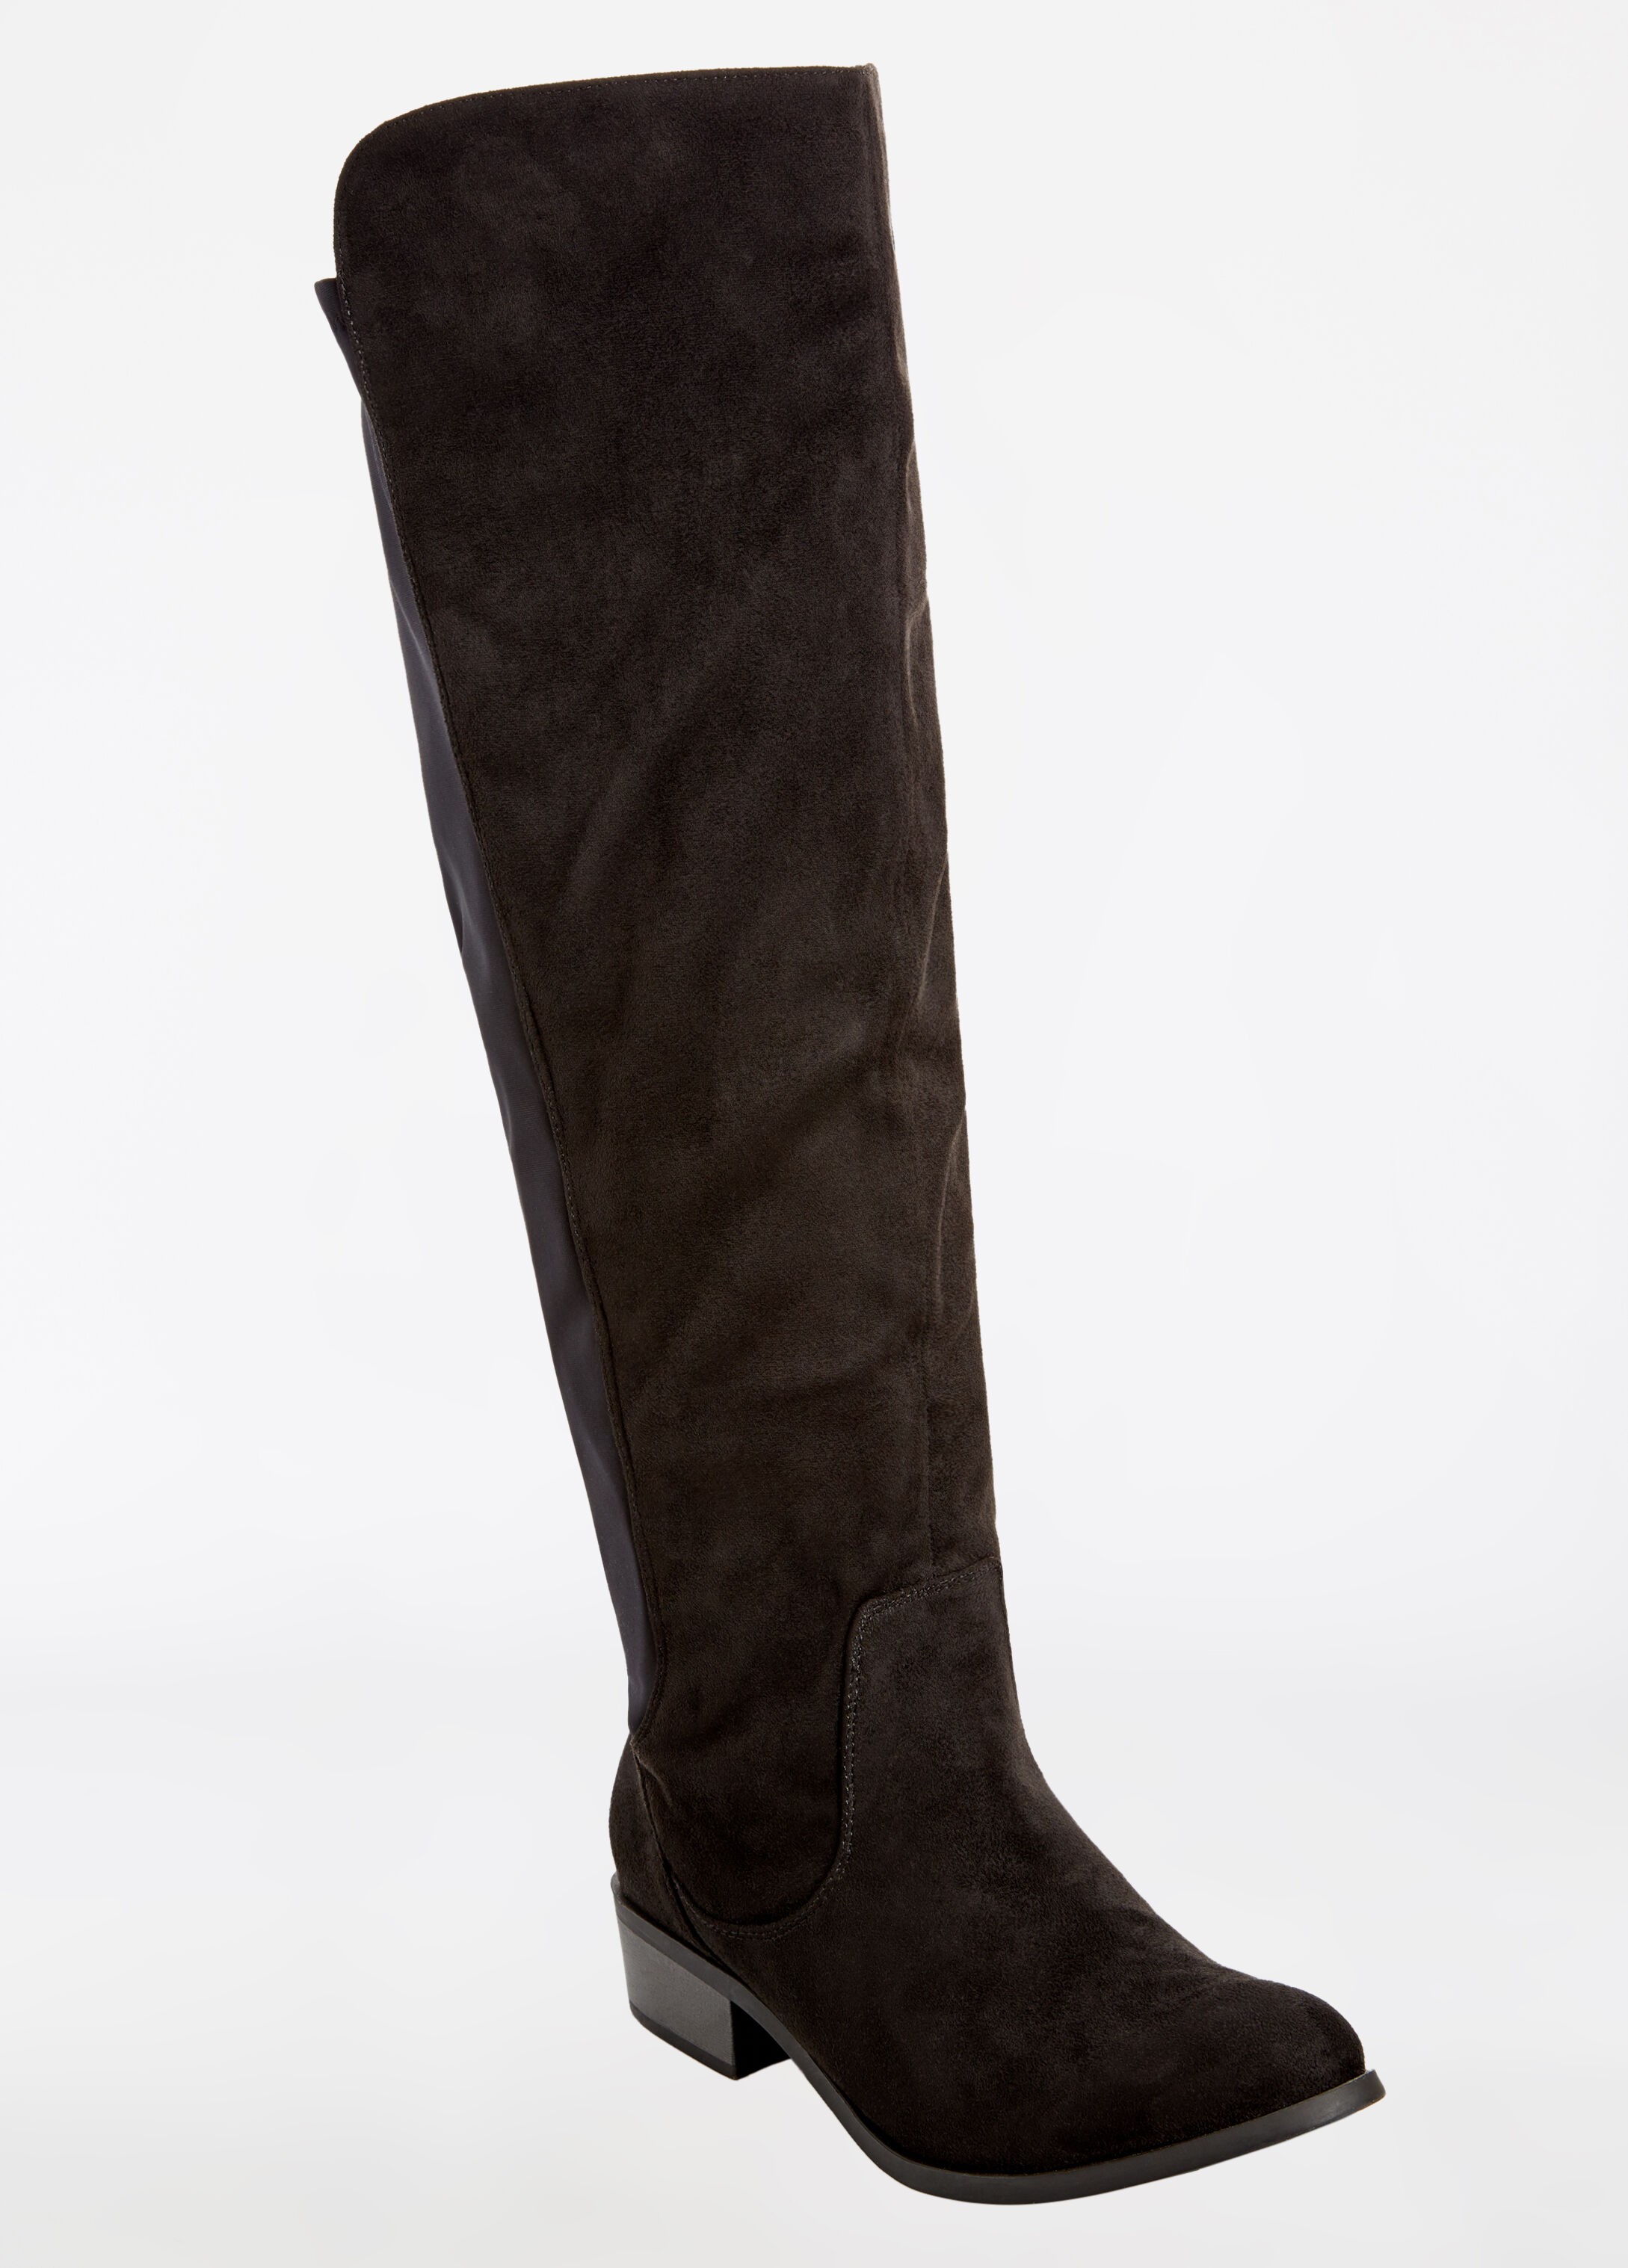 Suede Stretch Calf Boot - Wide Width